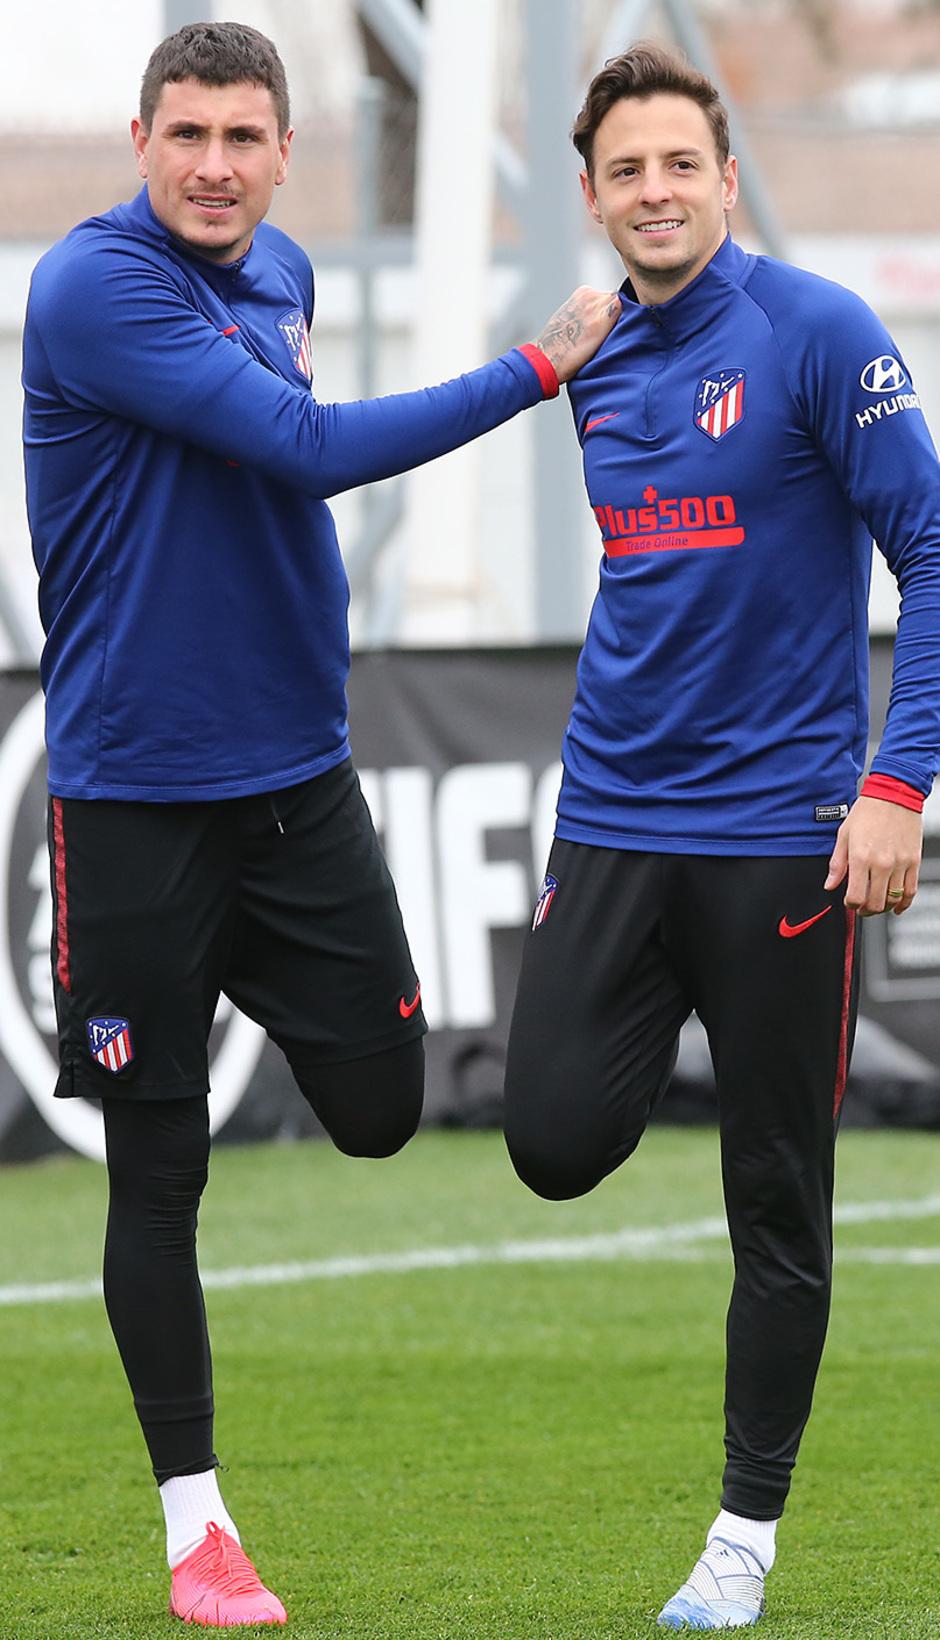 Temporada 19/20. Entrenamiento en la ciudad deportiva Wanda. Giménez y Arias realizando ejercicios durante el entrenamiento